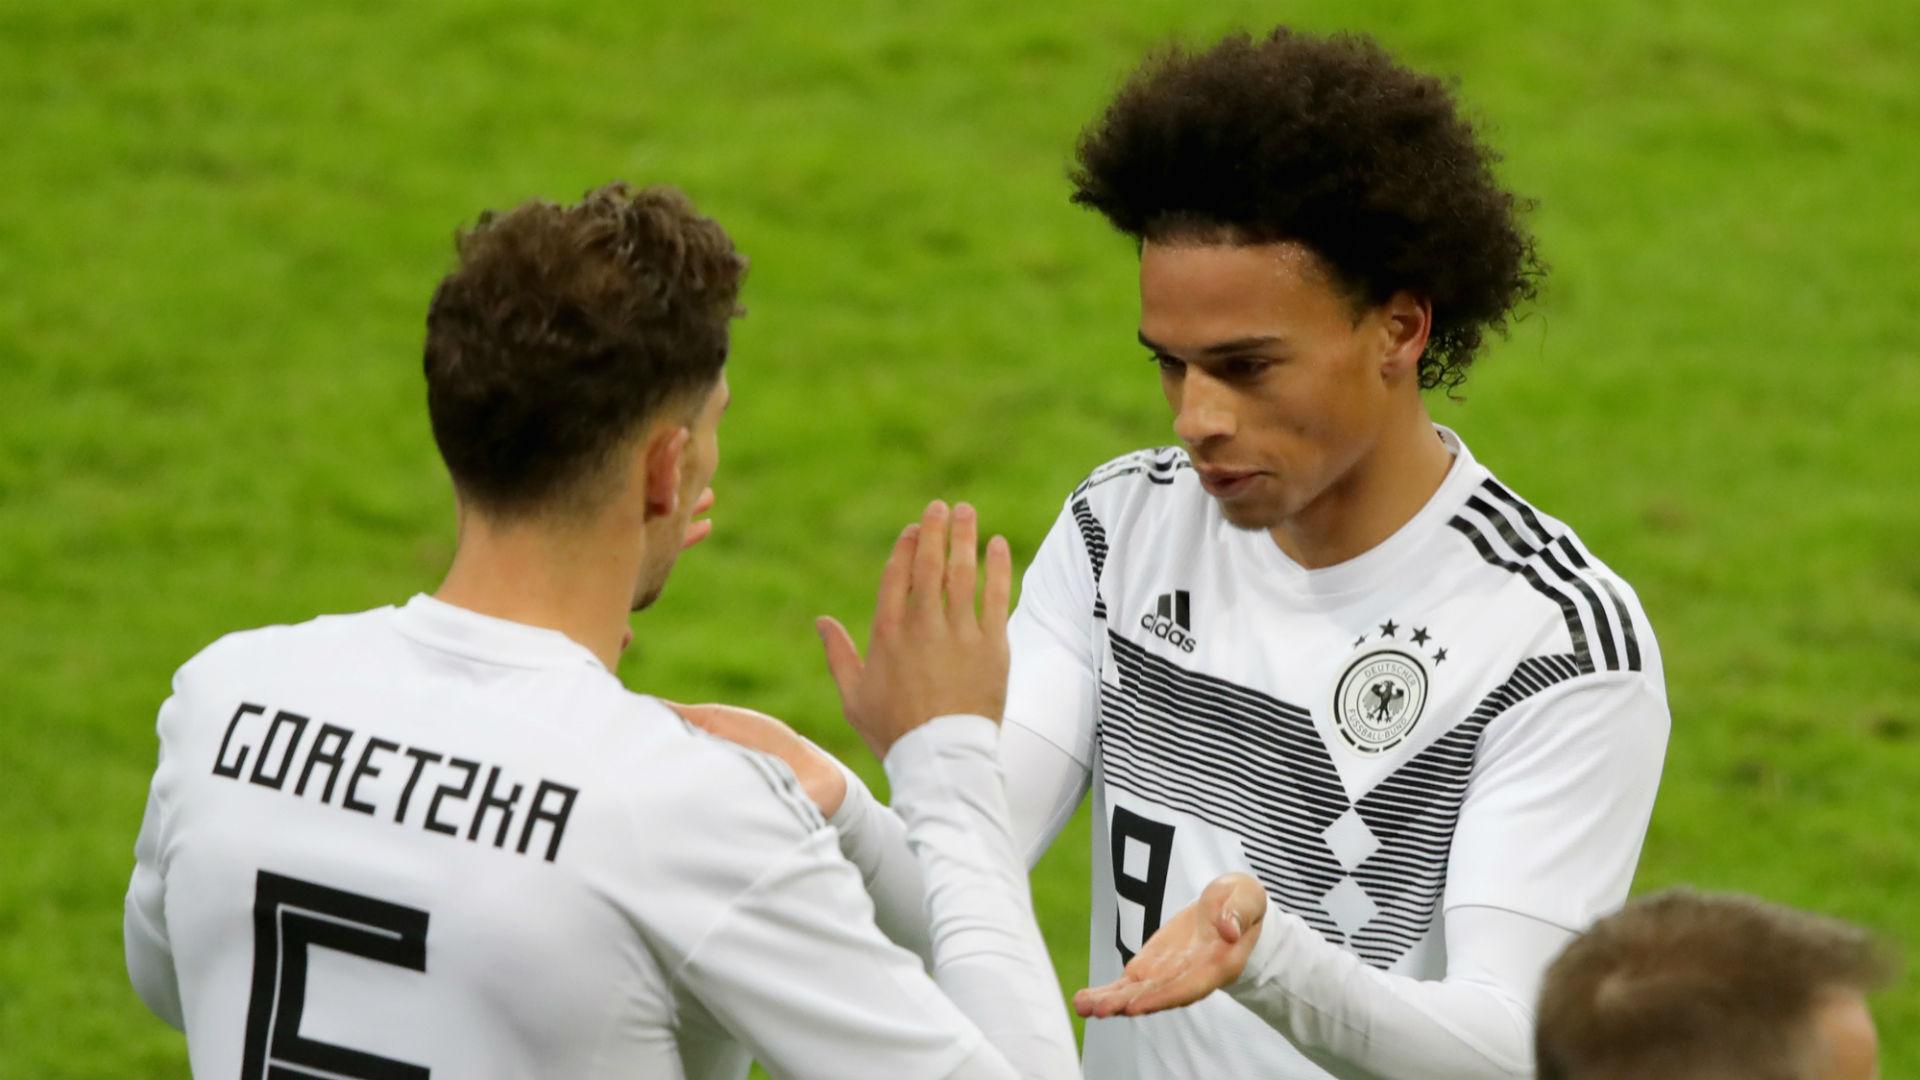 Goretzka would be 'ecstatic' if Sane joined Bayern